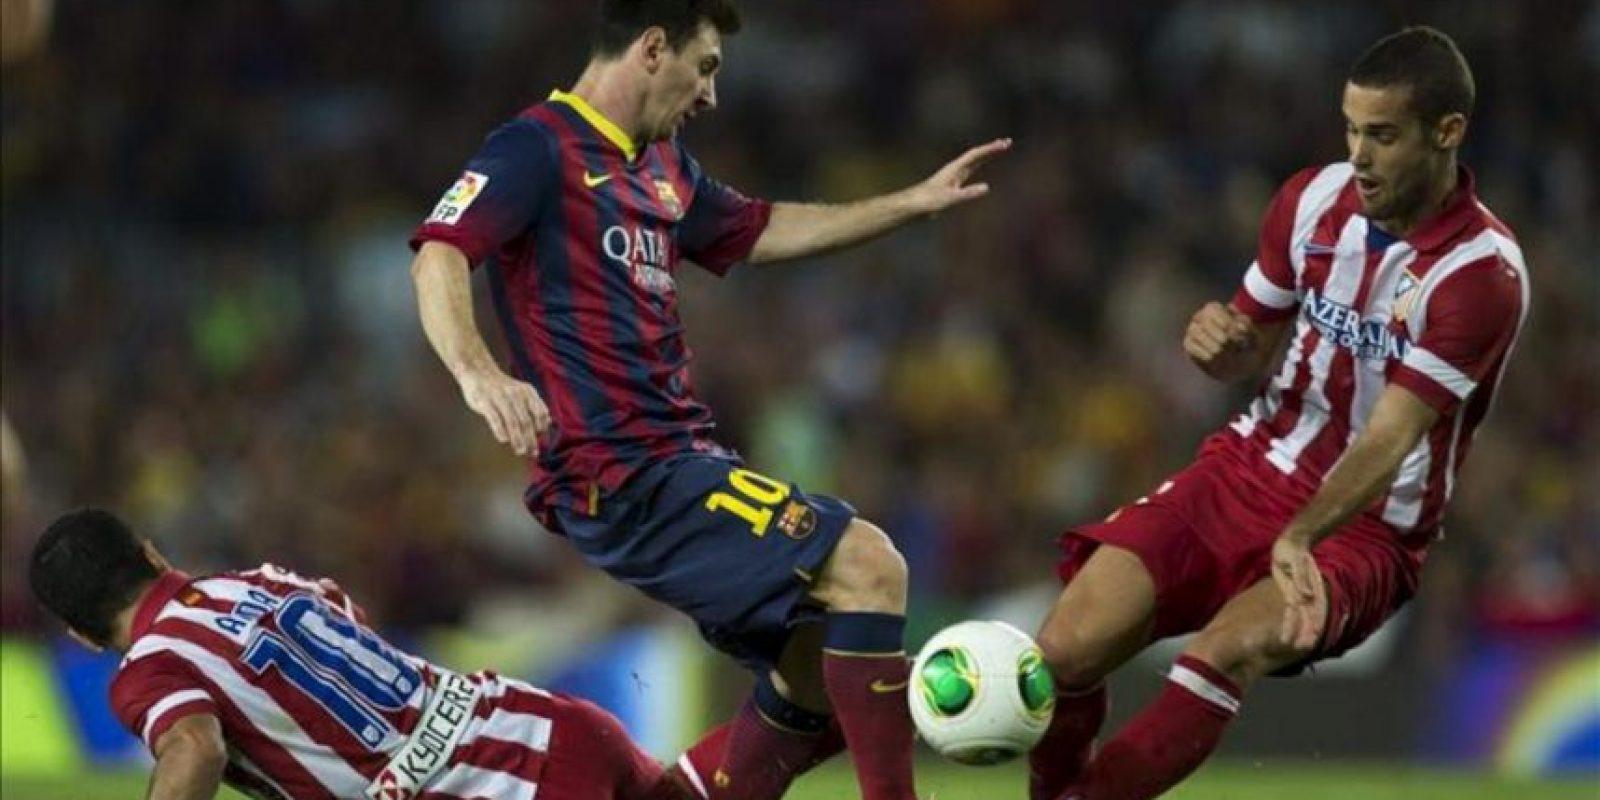 El delantero argentino del FC Barcelona, Leo Messi (c), lucha el balón junto al turco Arda Turan (i) y Mario Suárez (d), del Atlético de Madrid, durante el partido de vuelta de la Supercopa de España que los dos equipos disputaron en el Camp Nou, en Barcelona. EFE